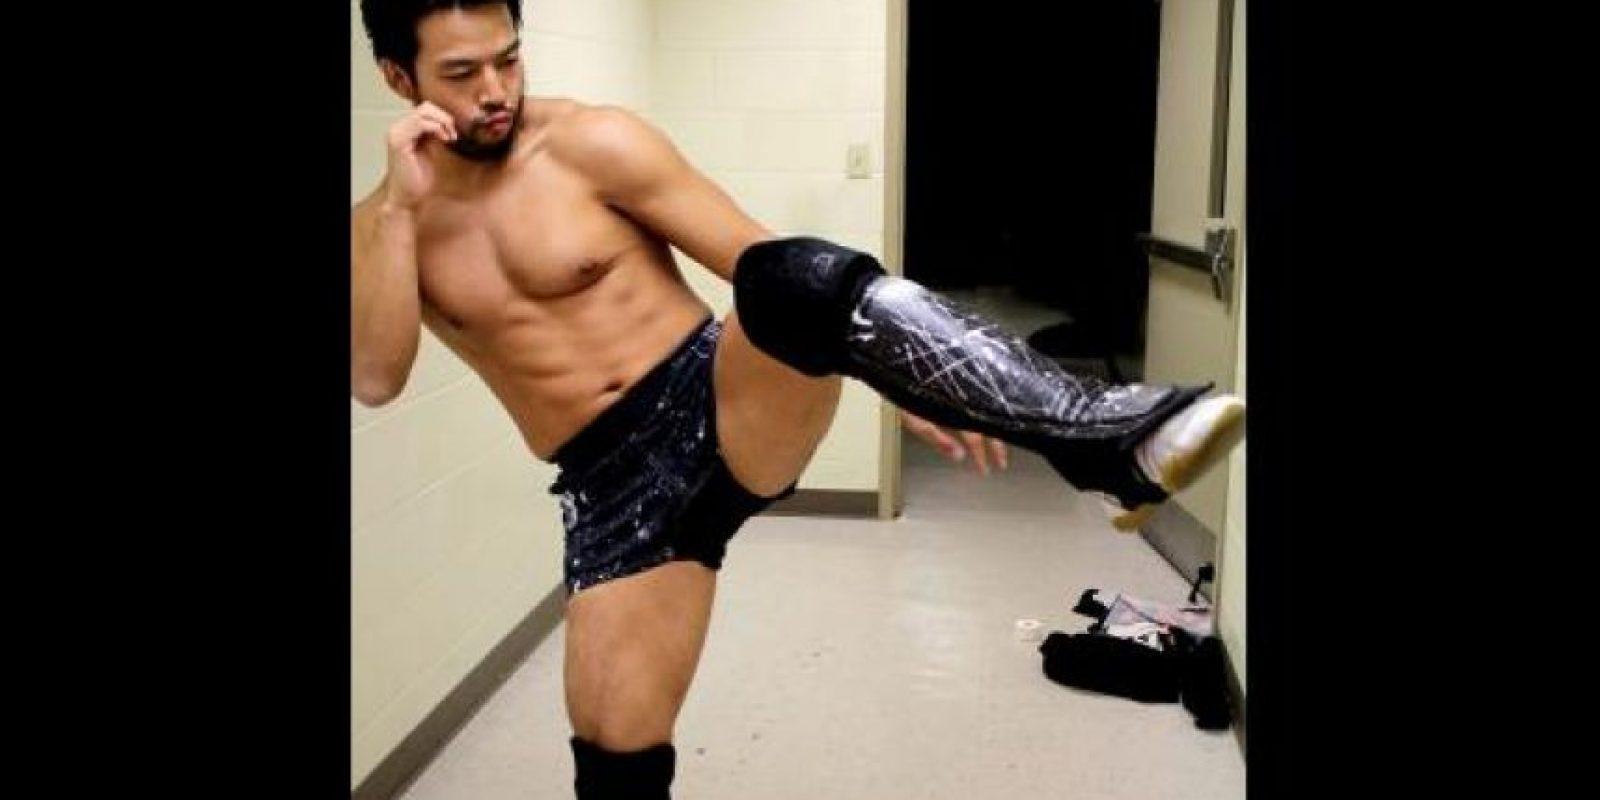 La WWE considera que hizo un negocio muy grande cuando logró firmar a este japonés experto en artes marciales. Es parte de NXT actualmente. Foto:WWE